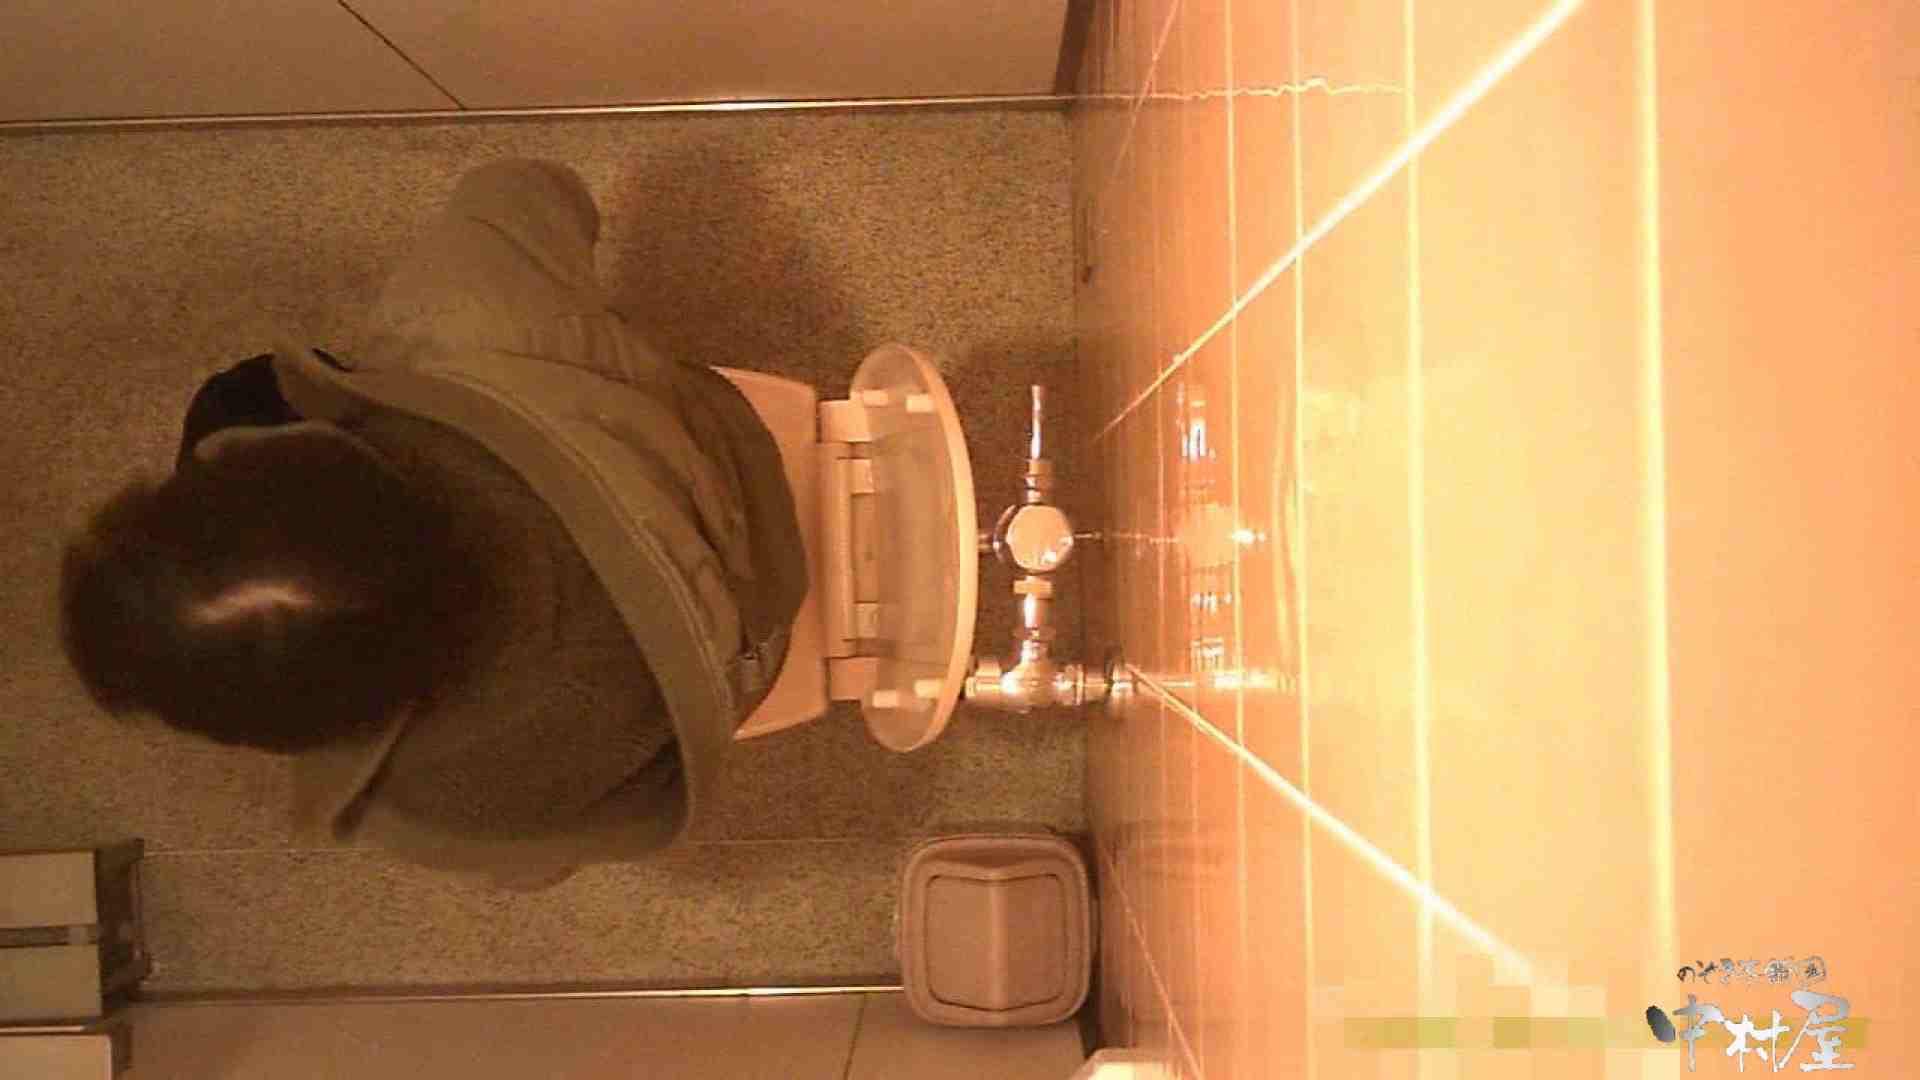 初盗撮!女盗撮師カレンさんの 潜入!女子トイレ盗撮!Vol.5 お色気美女 オマンコ無修正動画無料 79枚 27